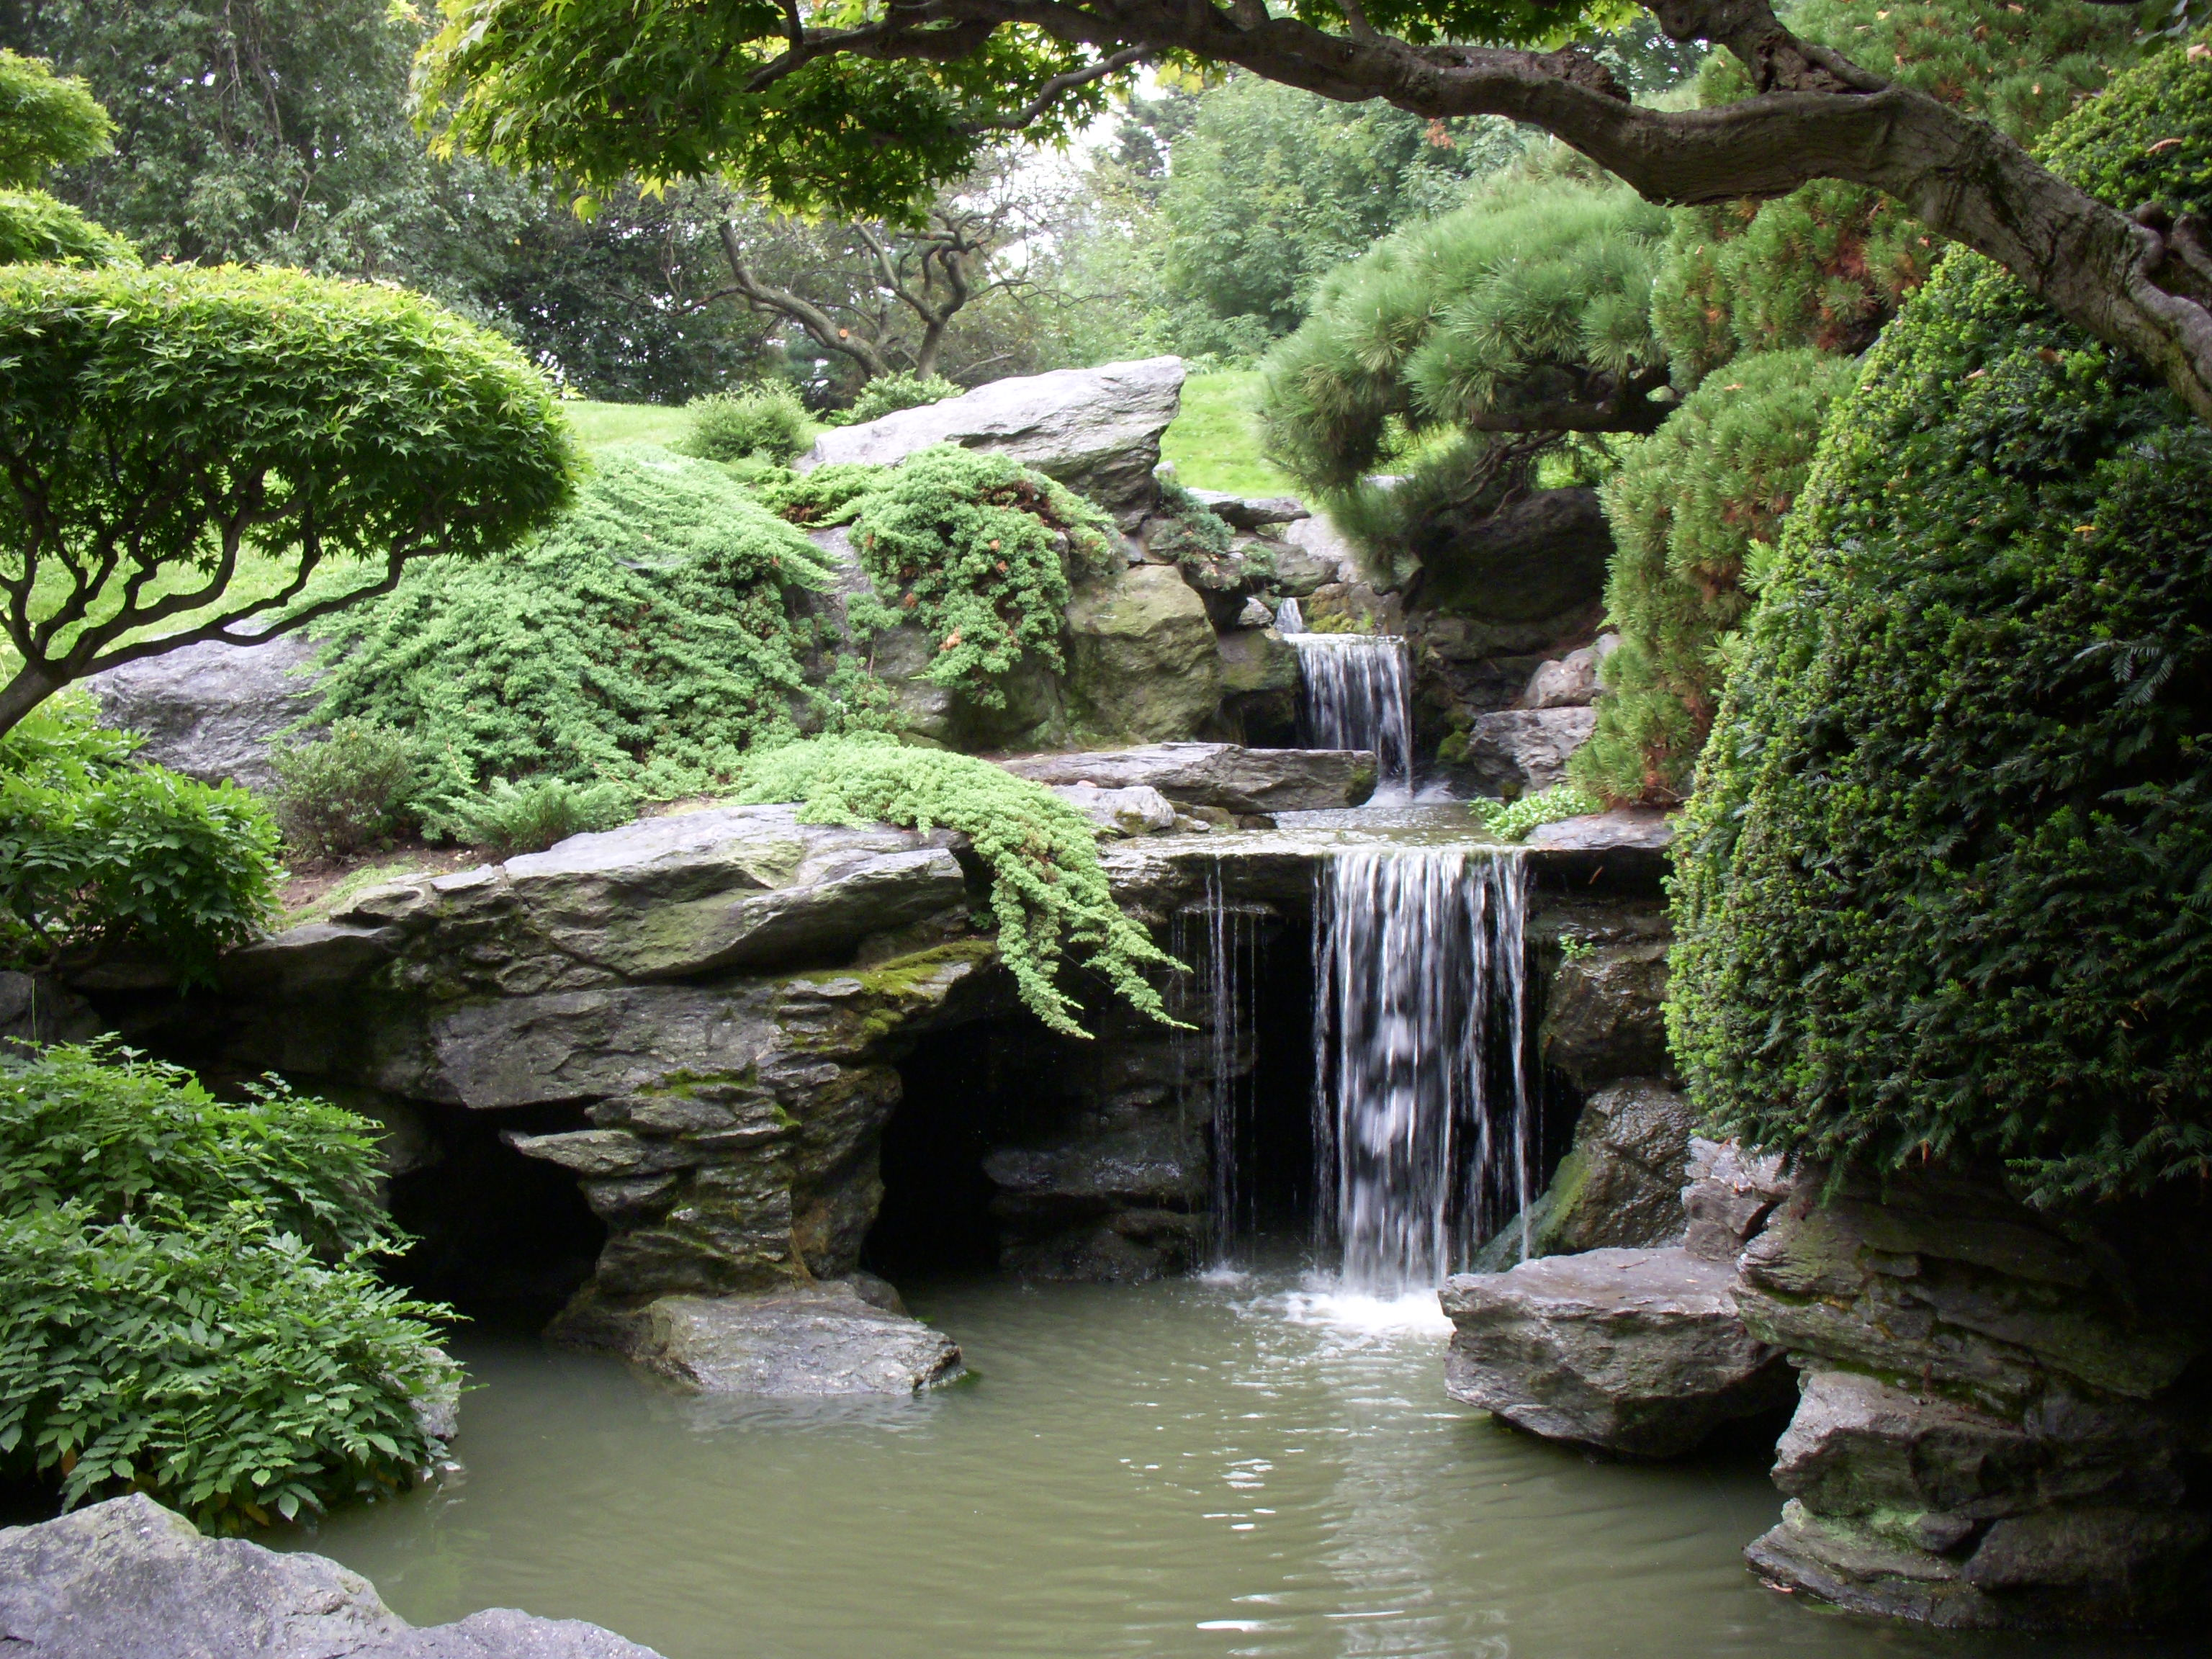 japanese garden 2009 june 19 stream and pond r bbg KSHDTJT